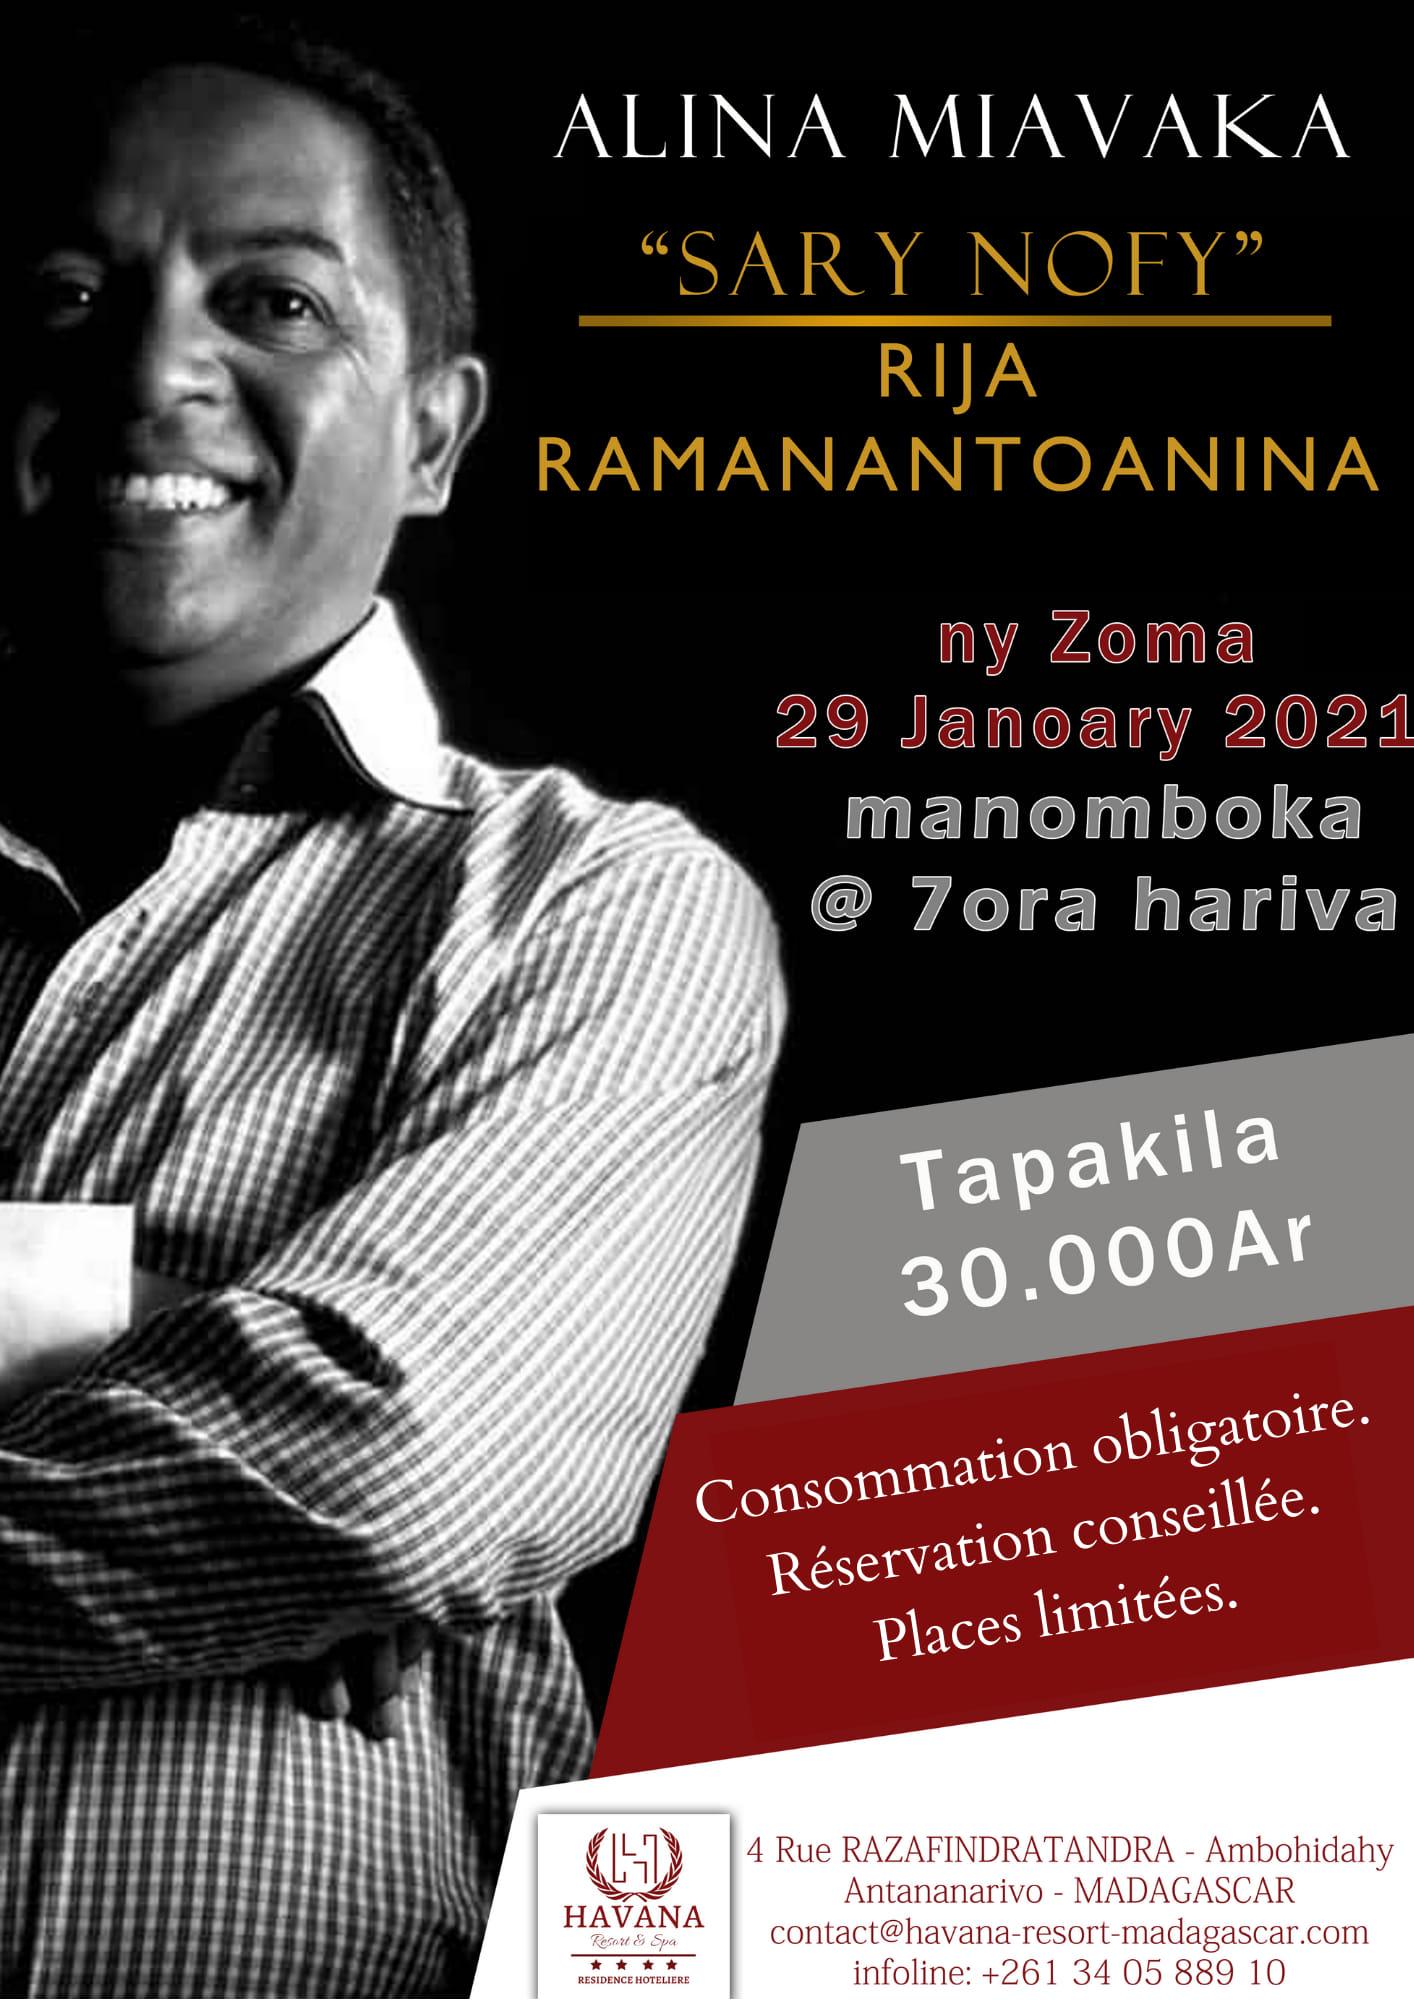 ‼️ SARY NOFY, avec Rija Ramanantoanina ‼️